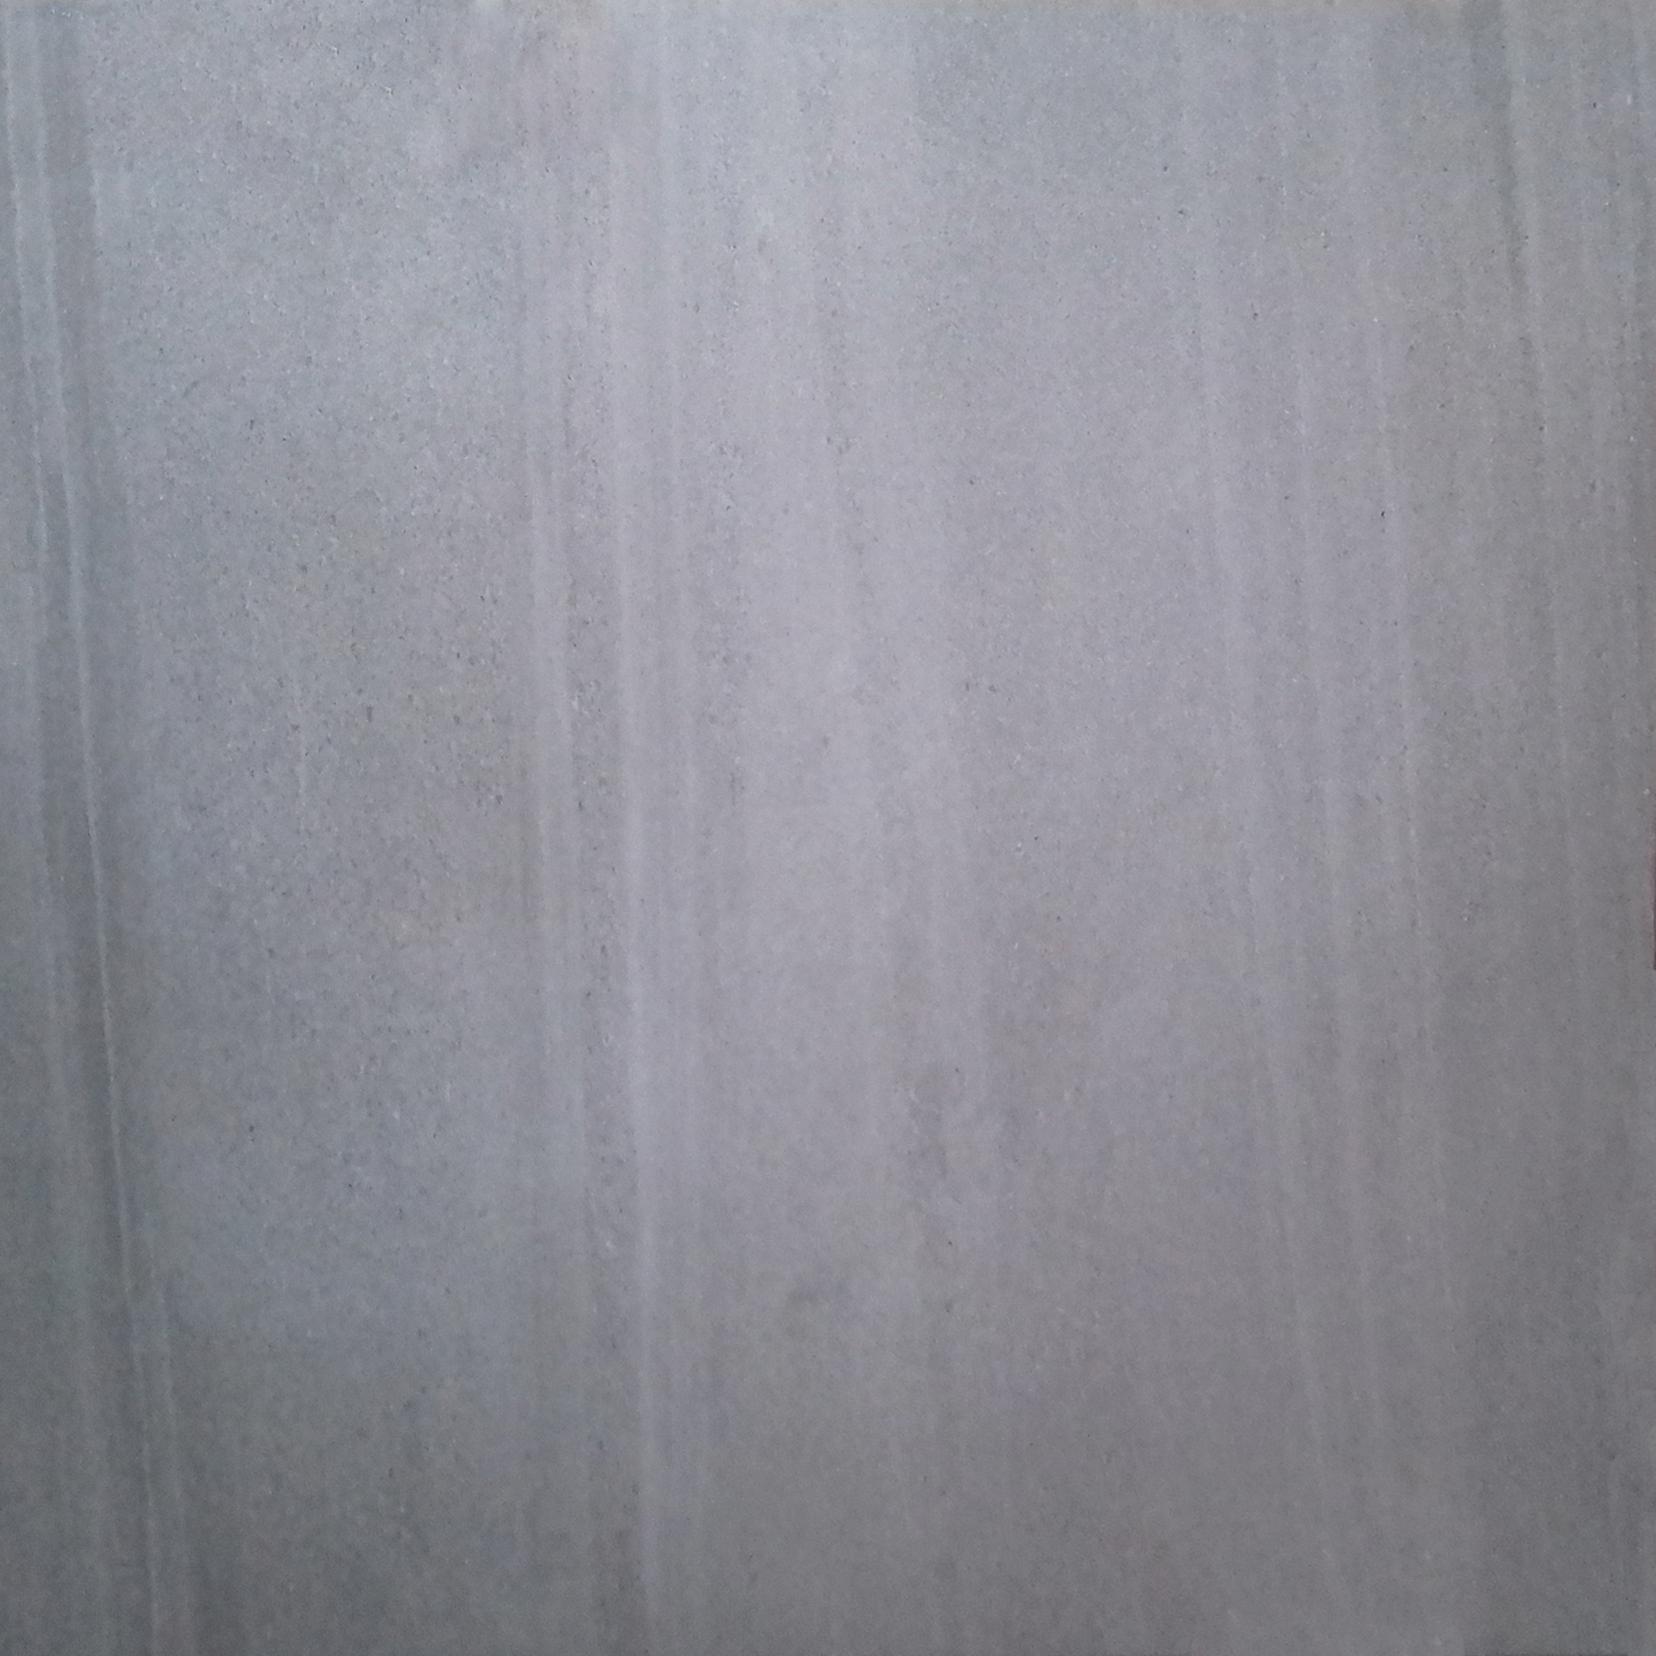 Напольная плитка PM601 60x60x0.9 см 16659